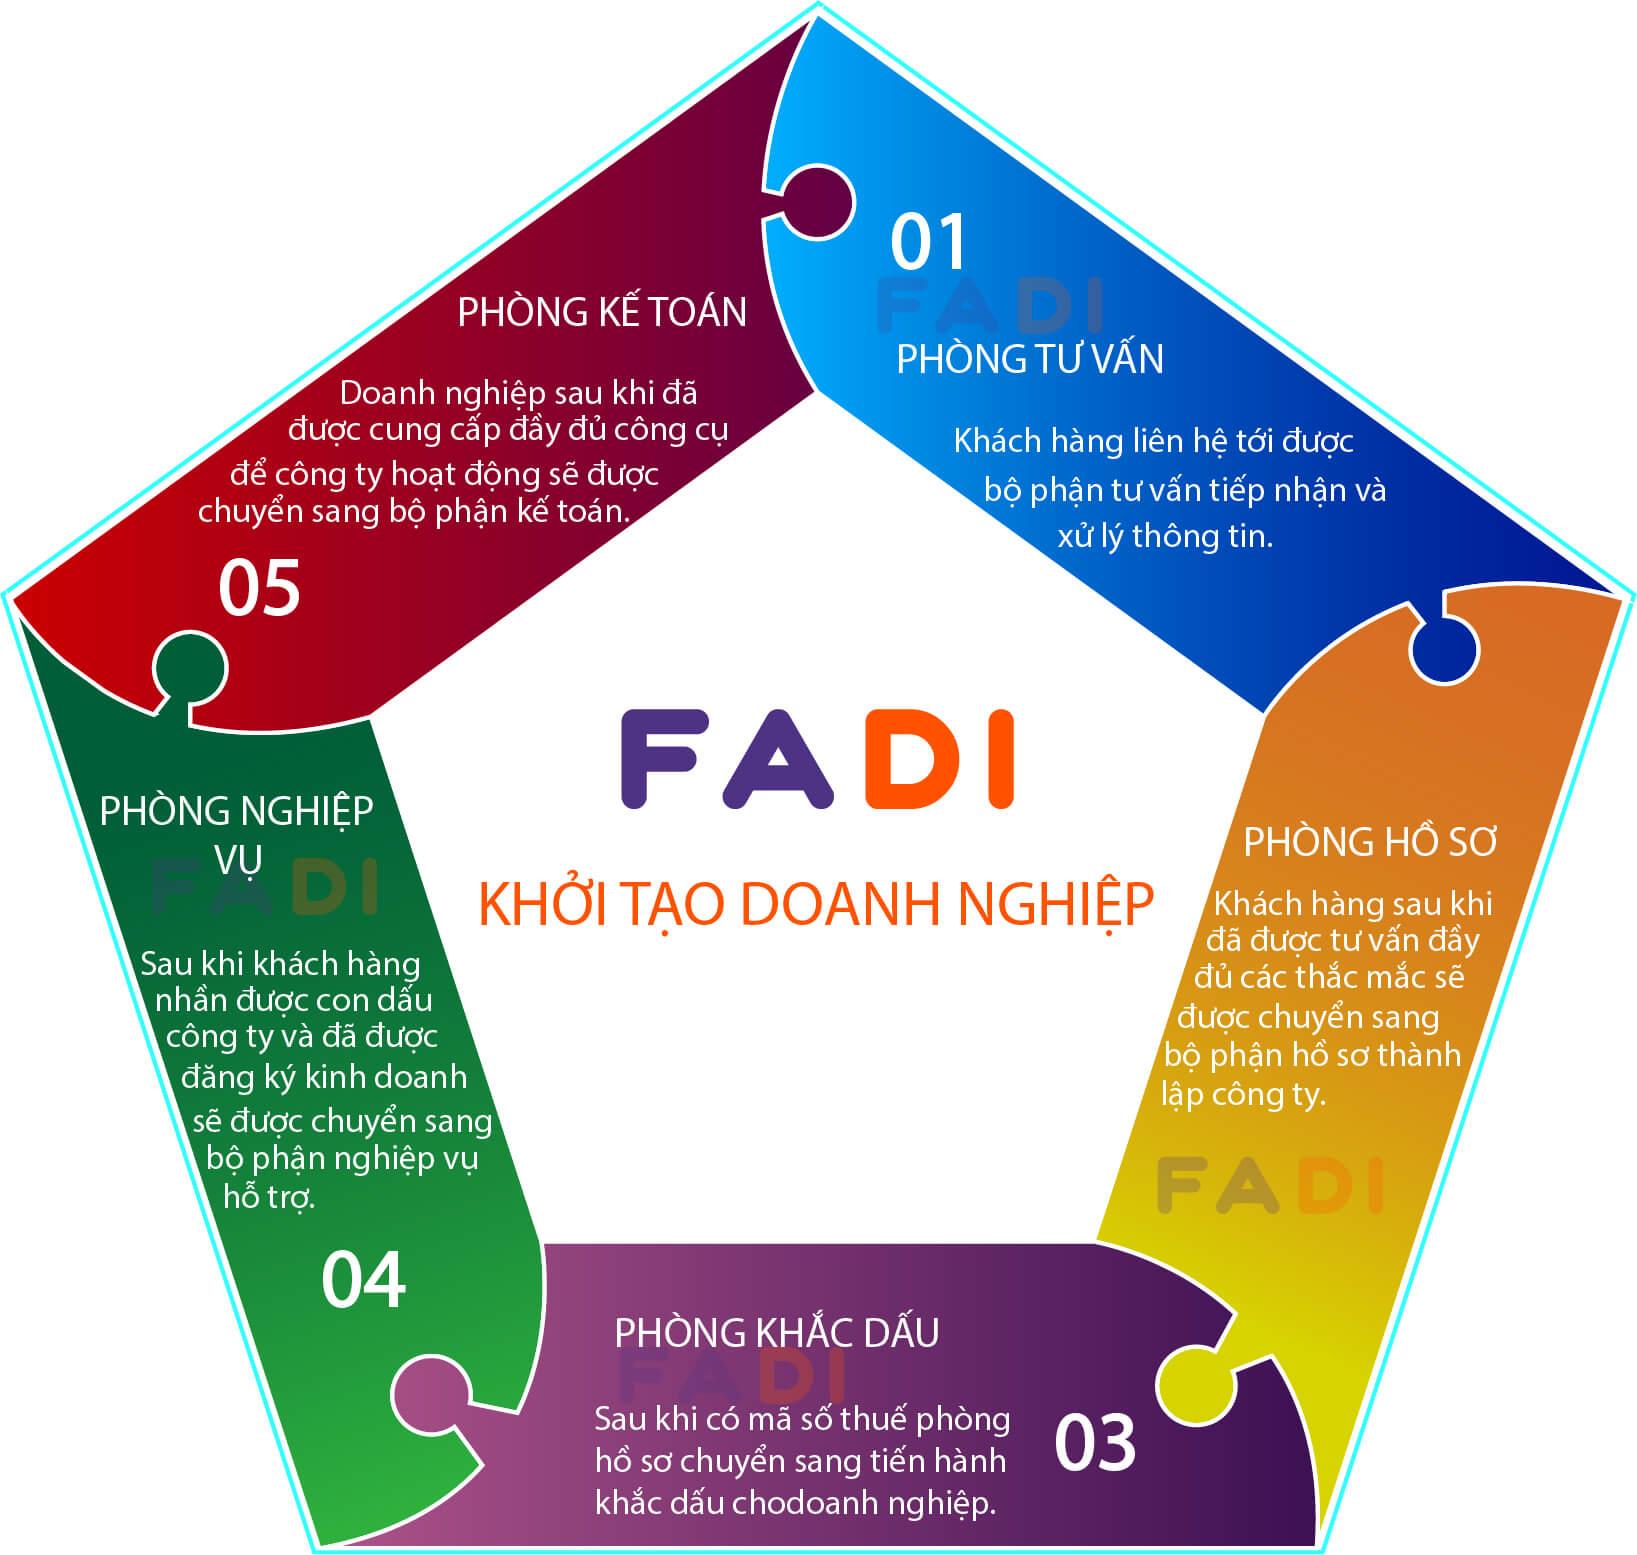 Thành lập công ty / doanh nghiệp - quy trình 5 sao từ FADI